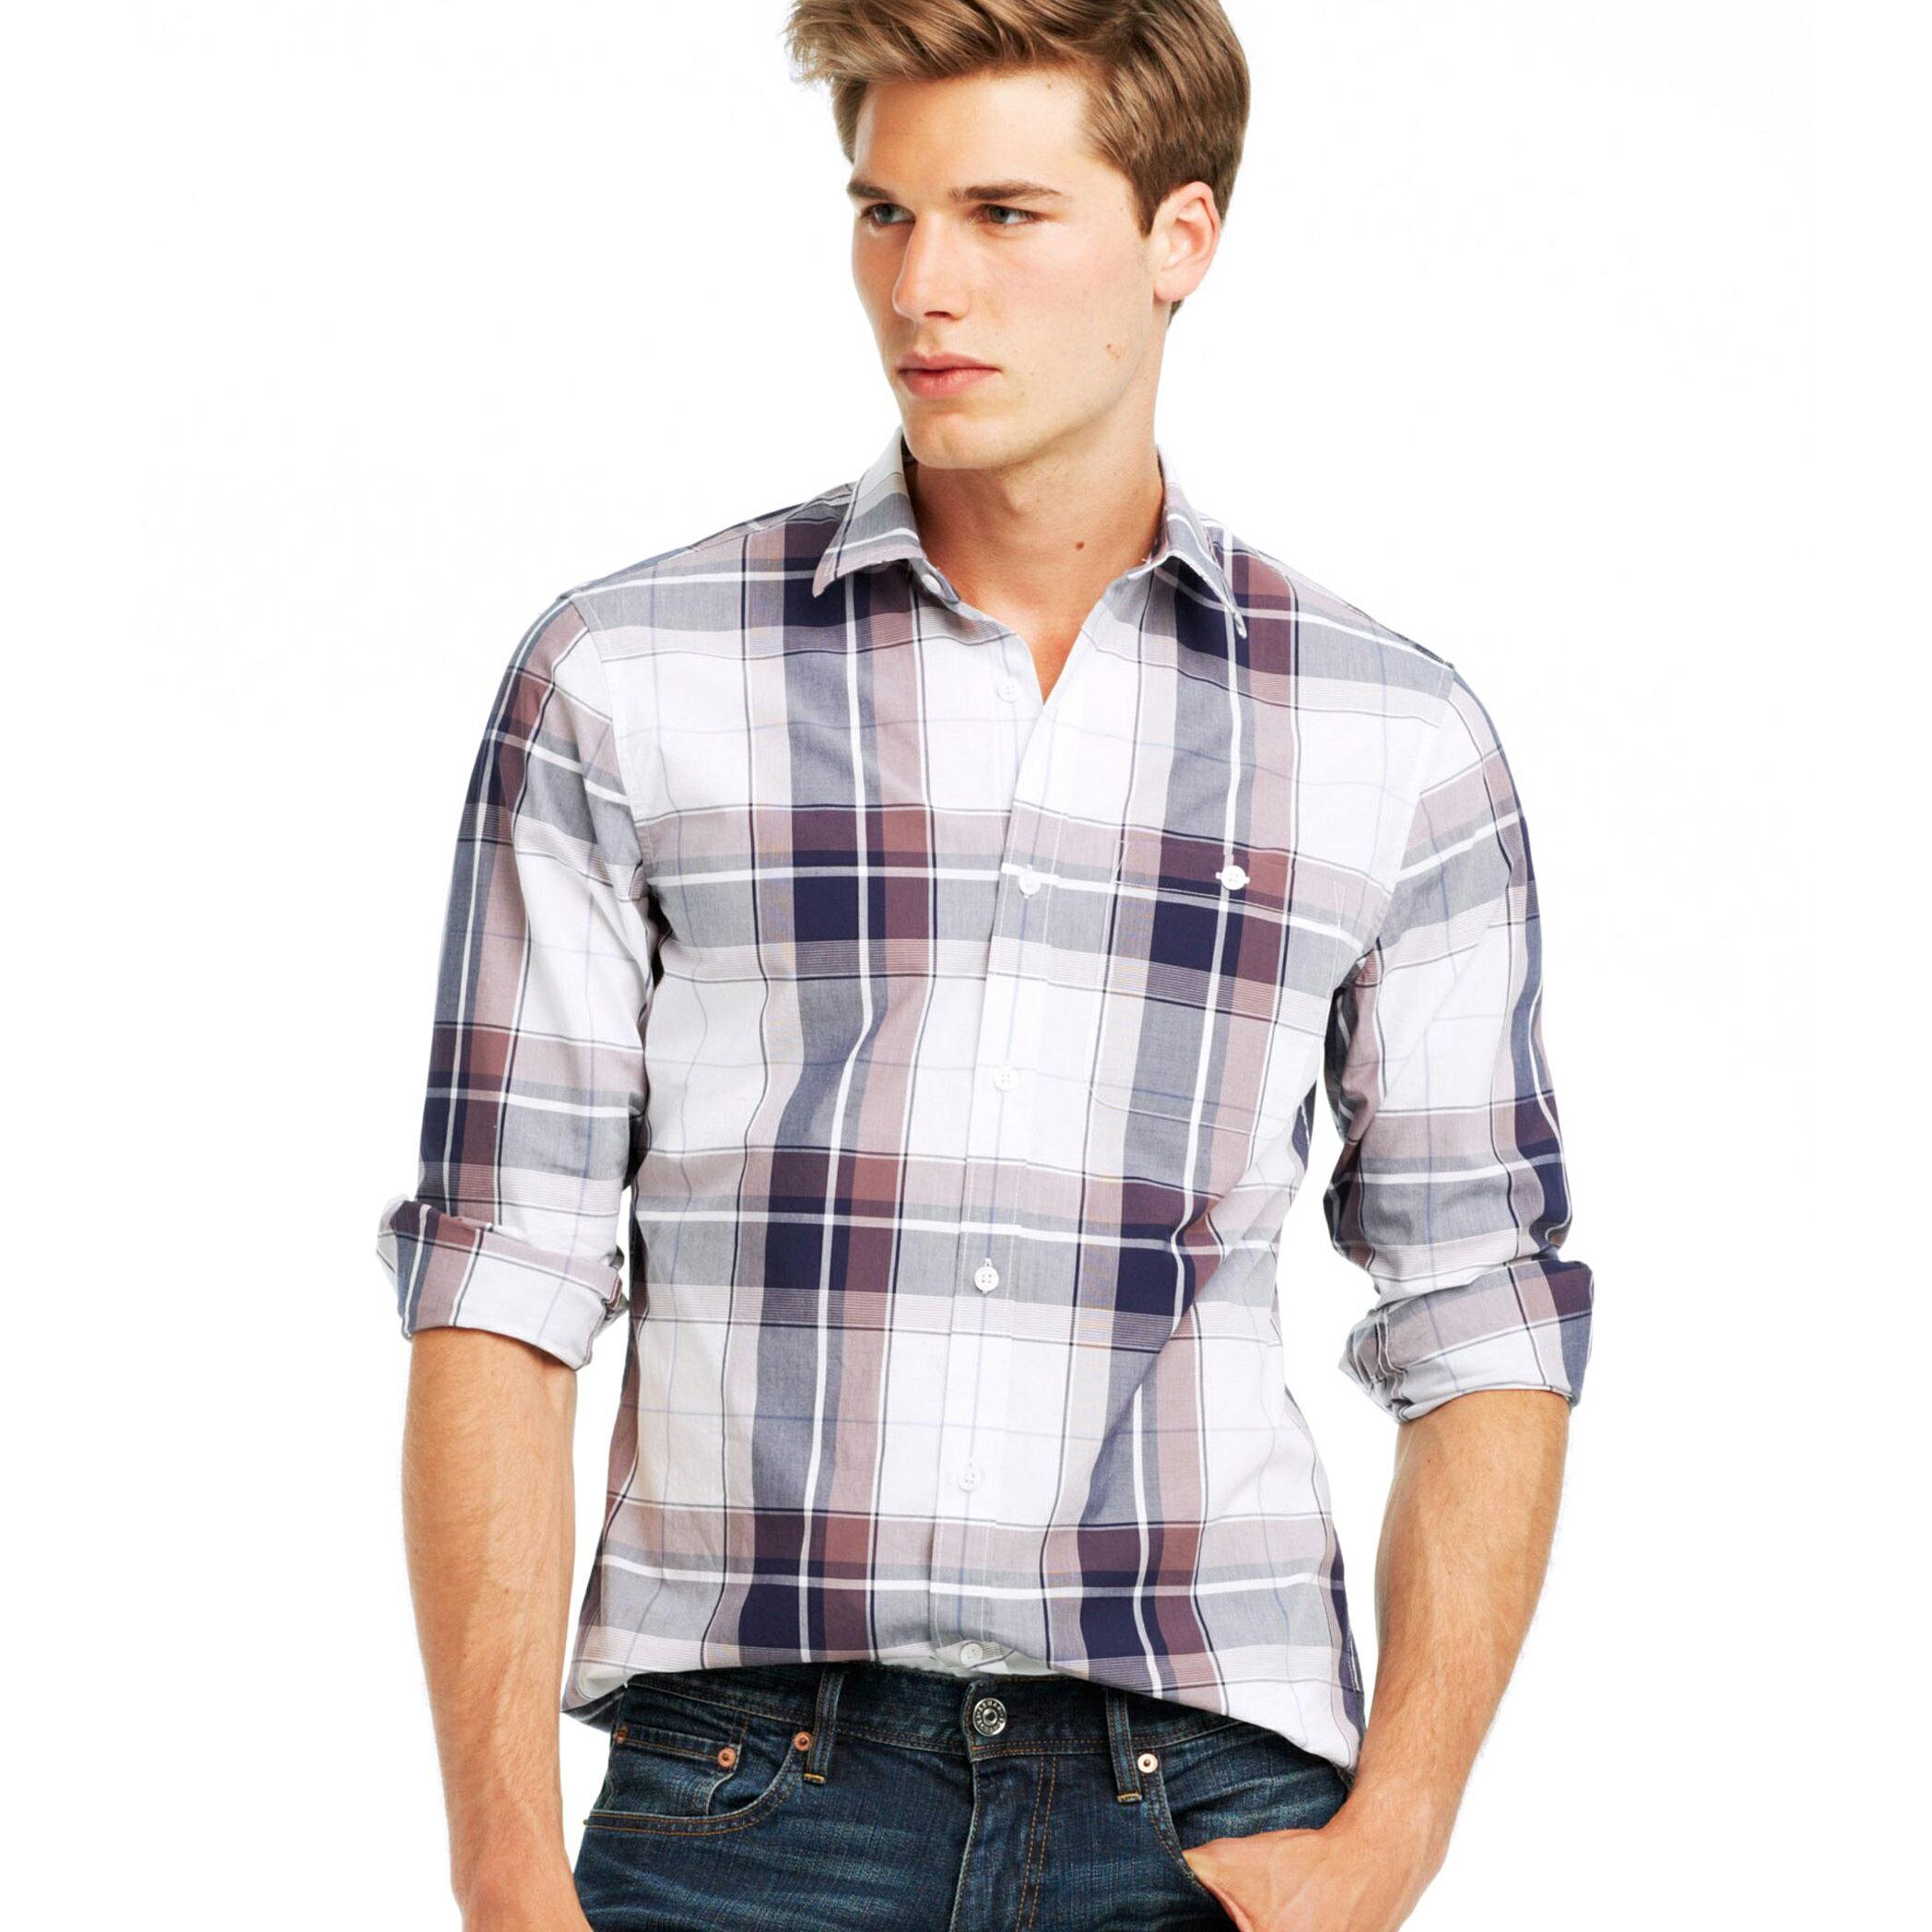 美國百分百【全新真品】Armani Exchange 襯衫 AX 長袖 上衣 上班 休閒 咖啡色 格紋 S號 E259